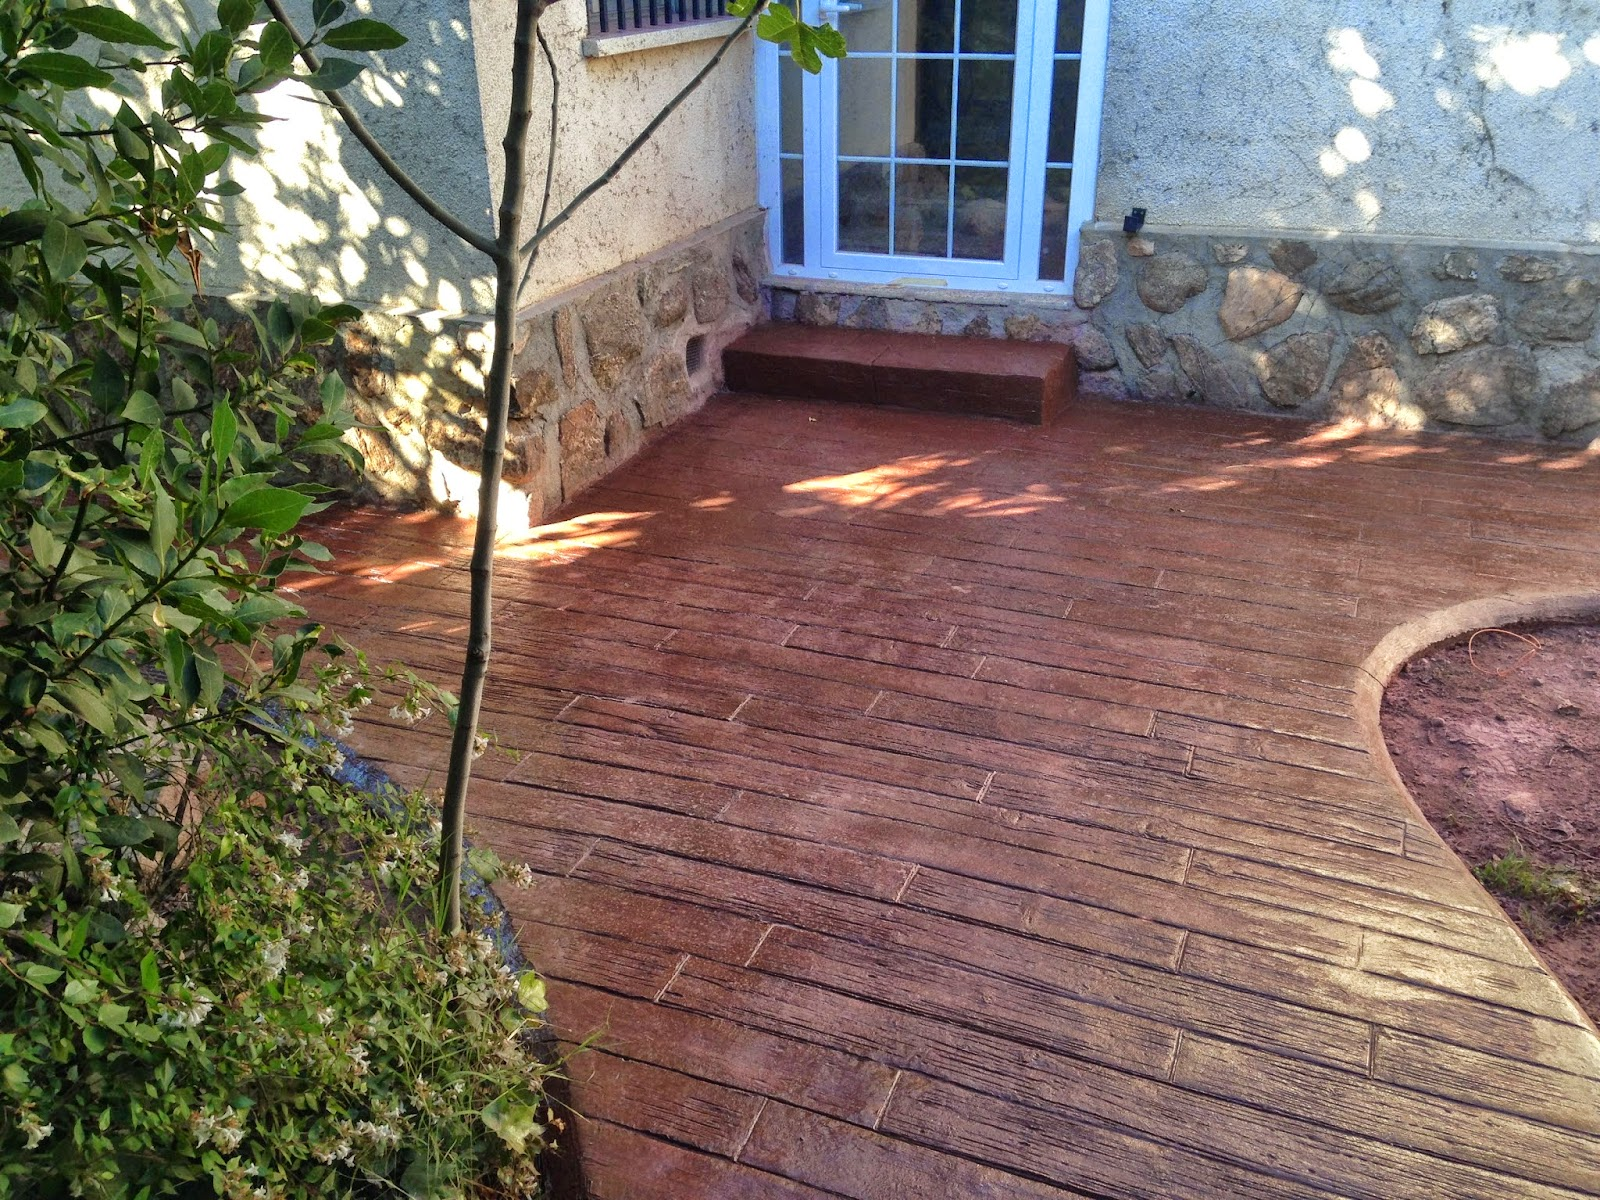 Pavimento de hormig n impreso en jard n en javea molde de for Pavimentos de jardin